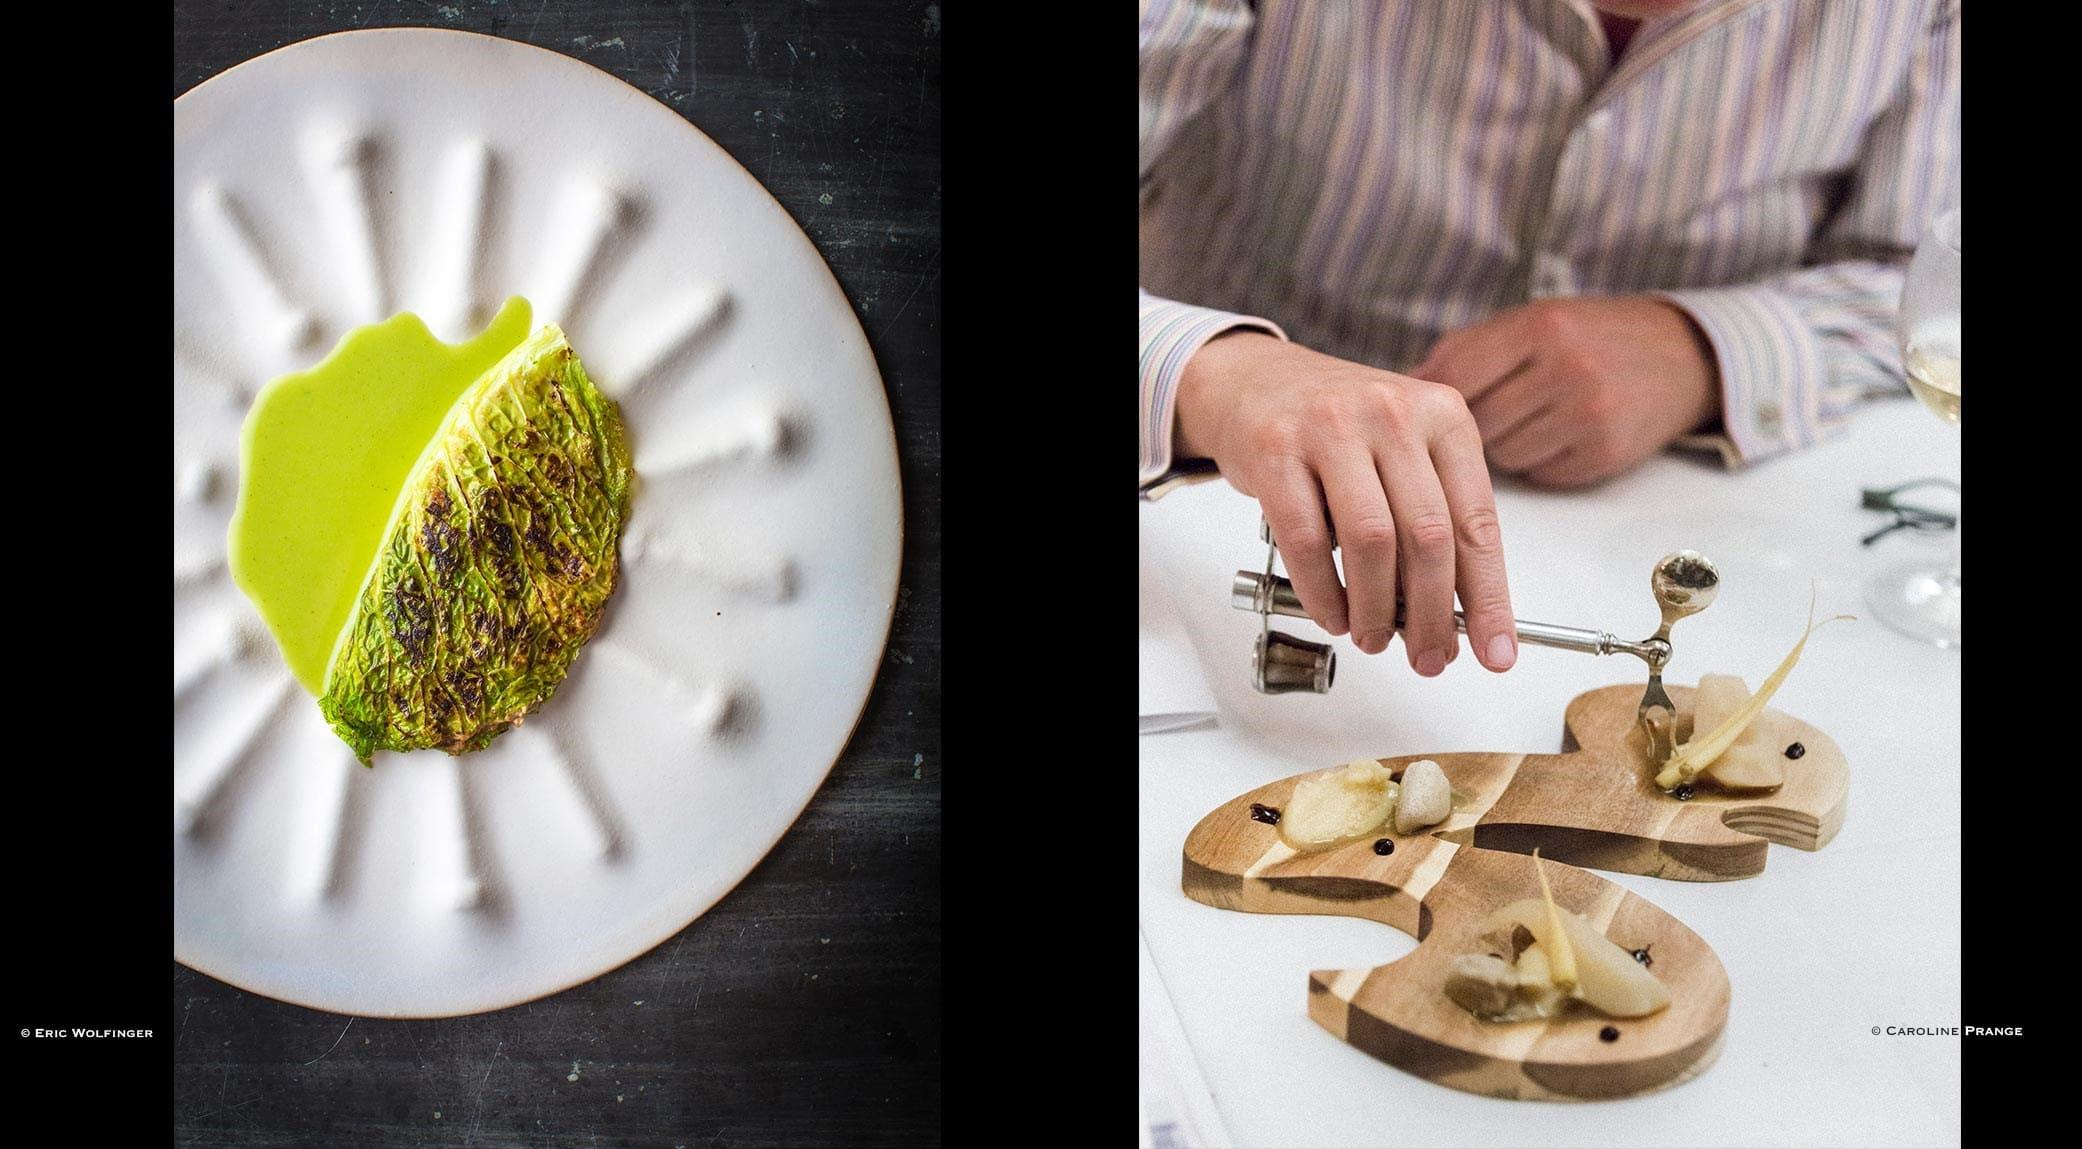 original_Steinbeisser-Experimental-Gastronomy-7.jpg